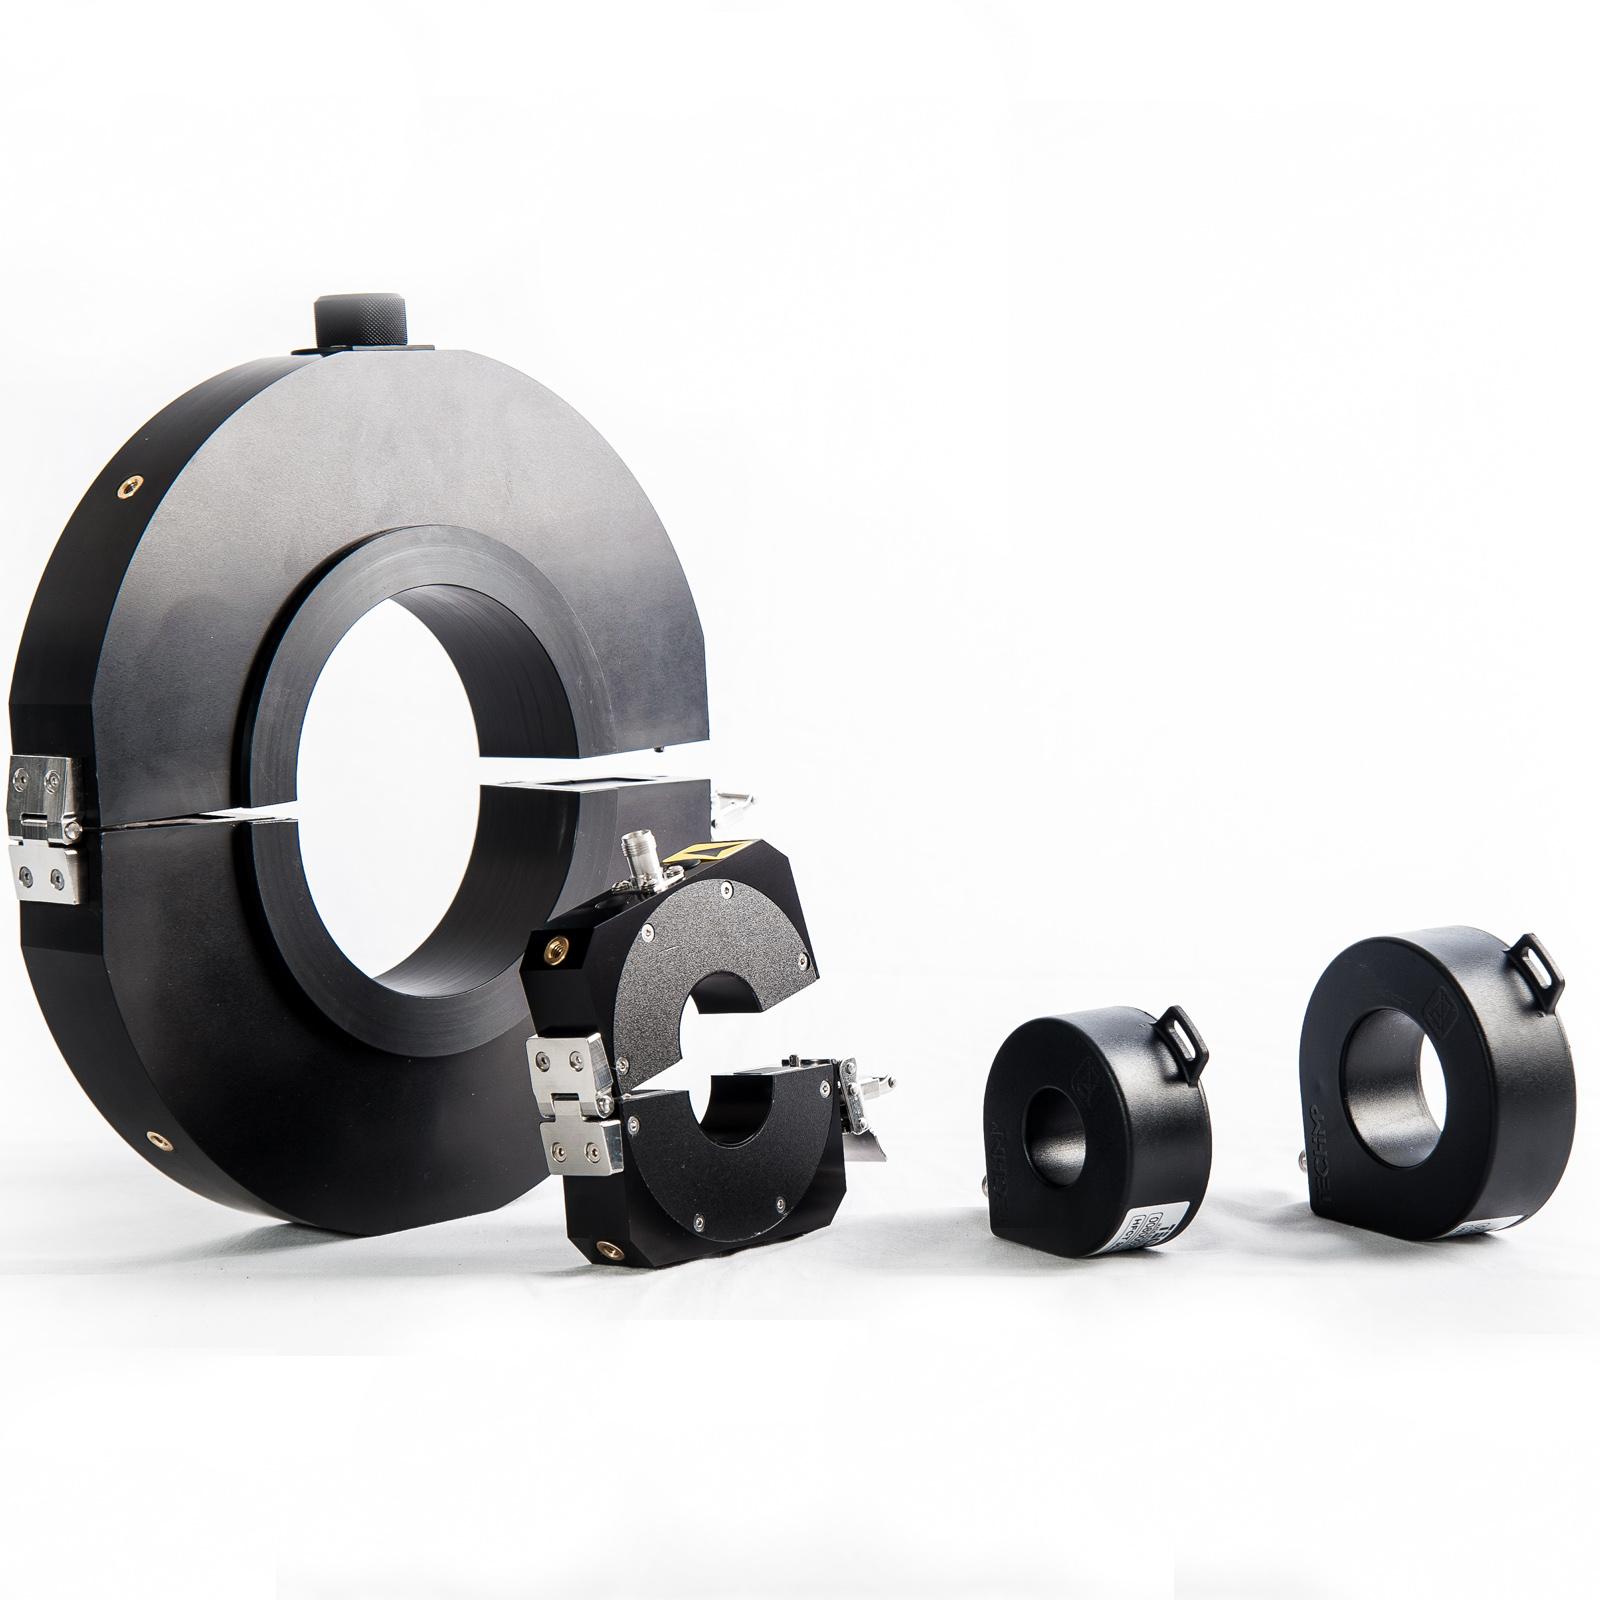 HFCT|Ø 30-50-90 mm